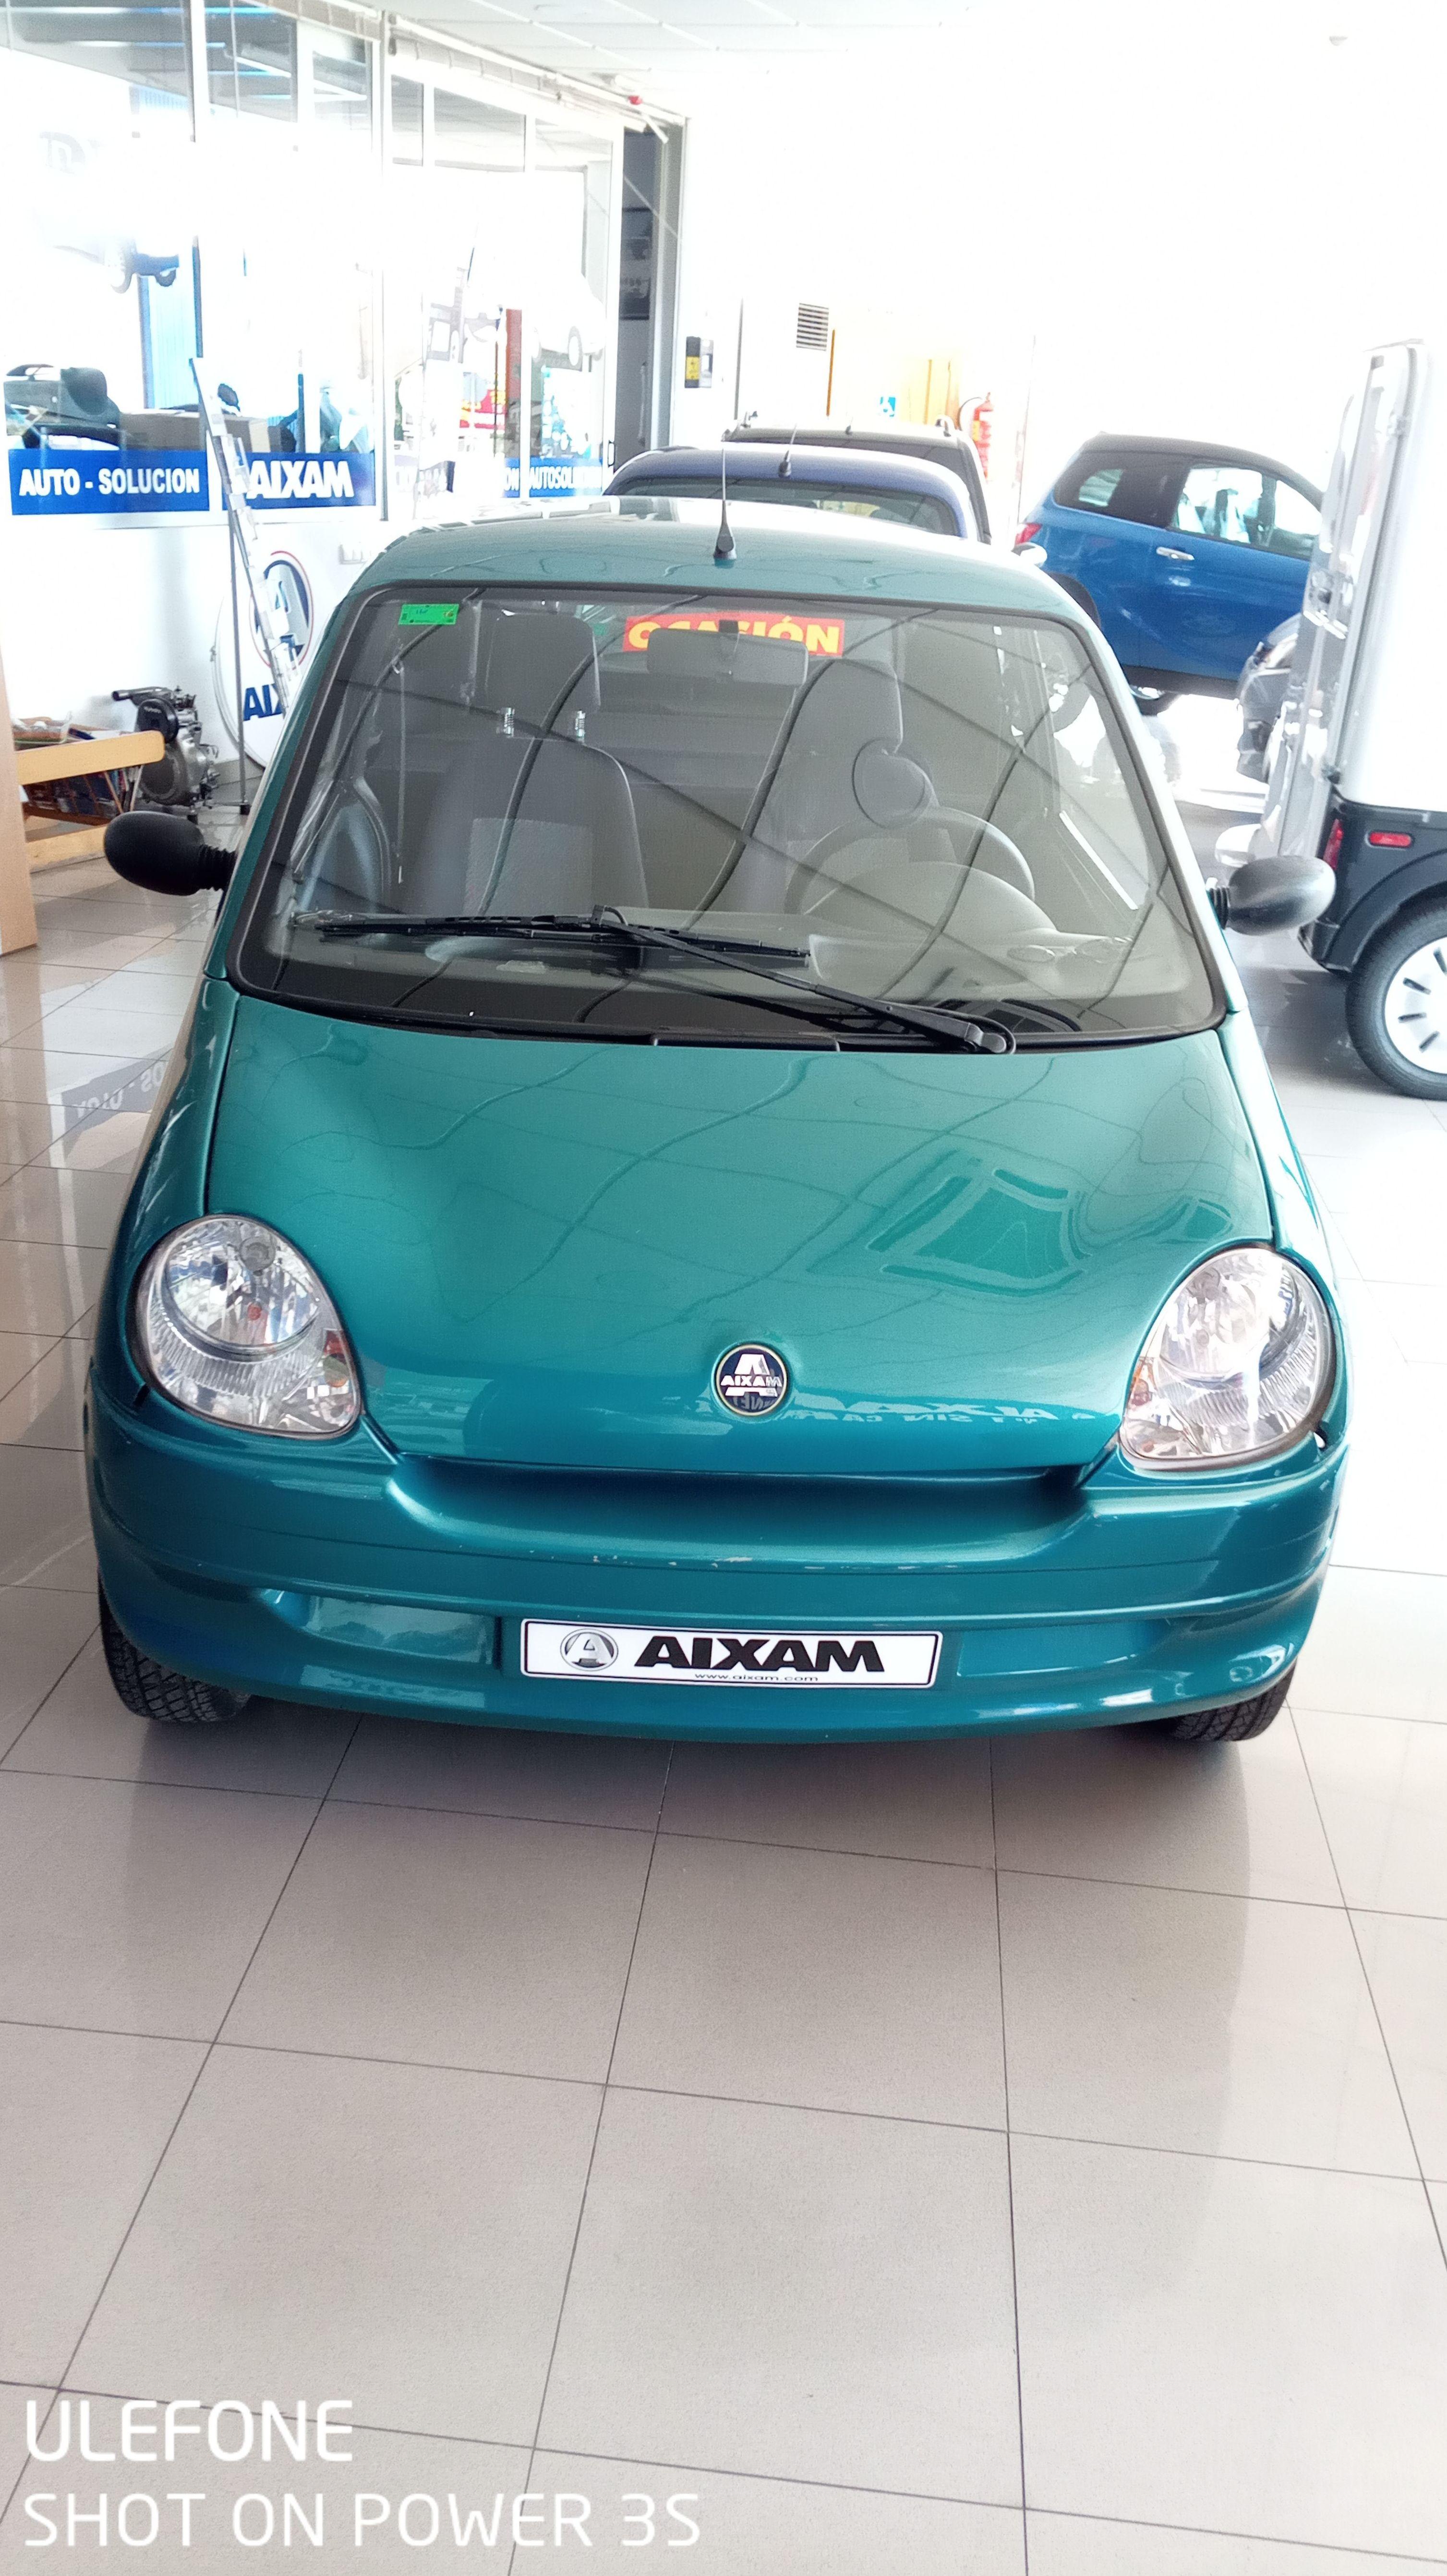 AIXAM 500-4: Vehículos y Repuestos de Auto-Solución, S.L.